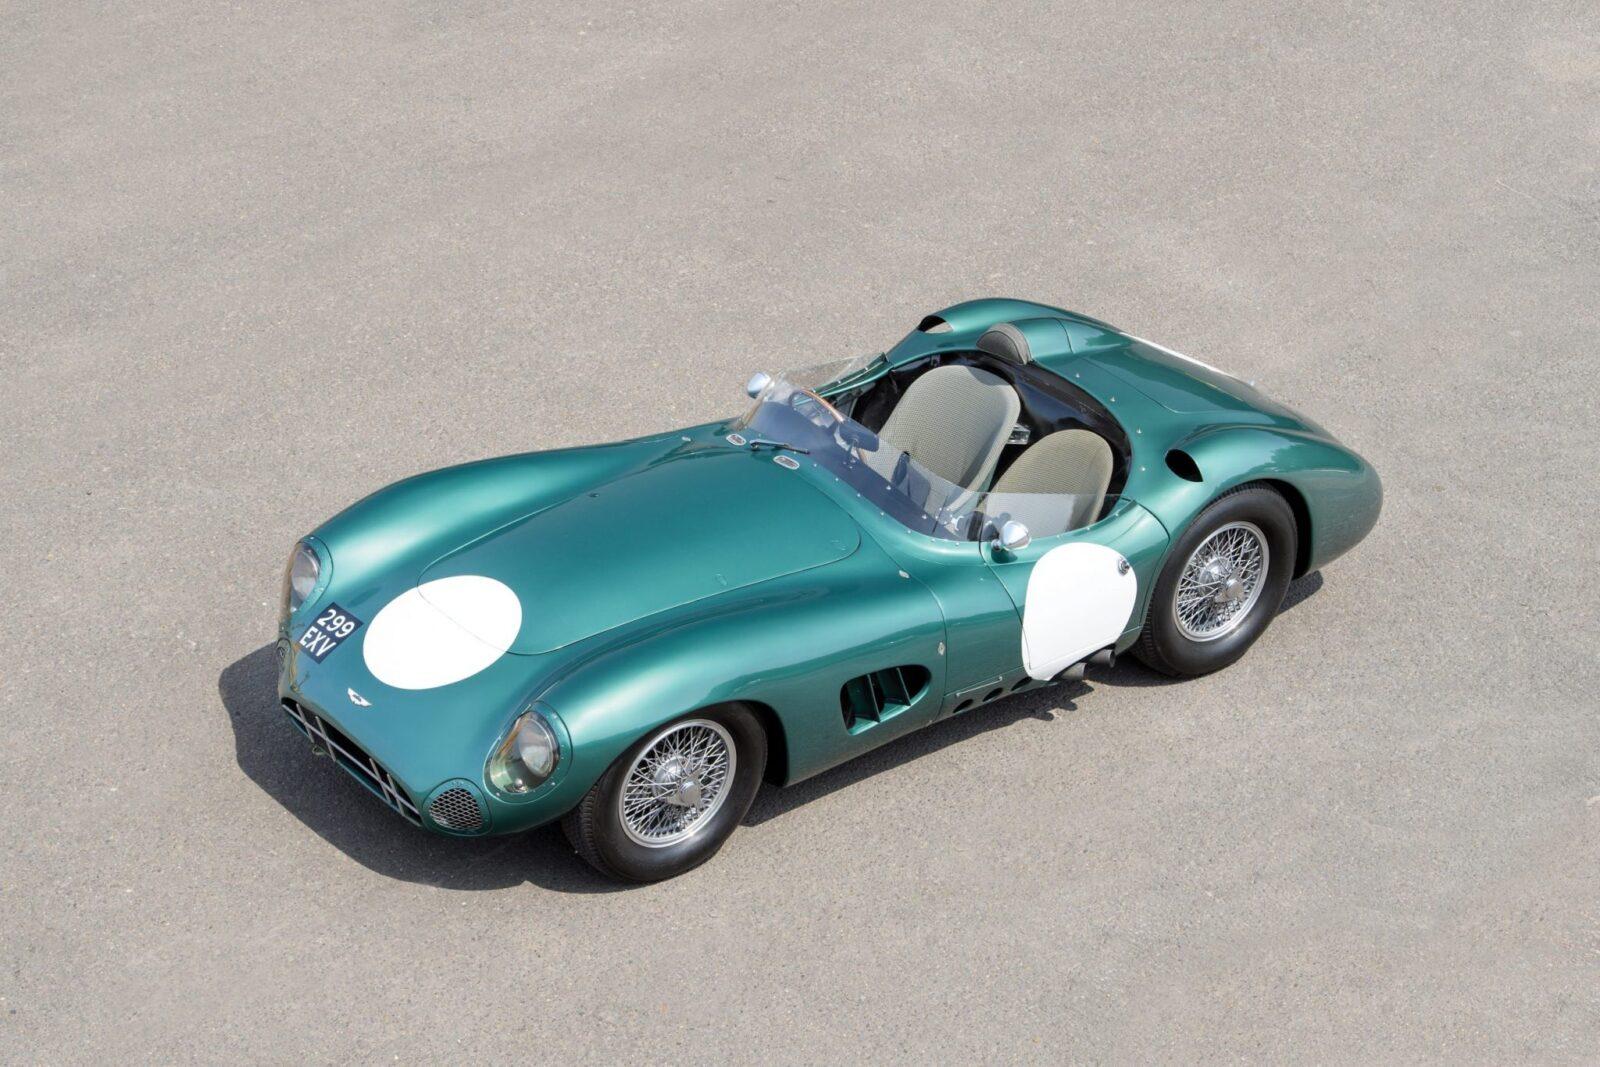 aston martin dbr1 8 1600x1067 - 1956 Aston Martin DBR1